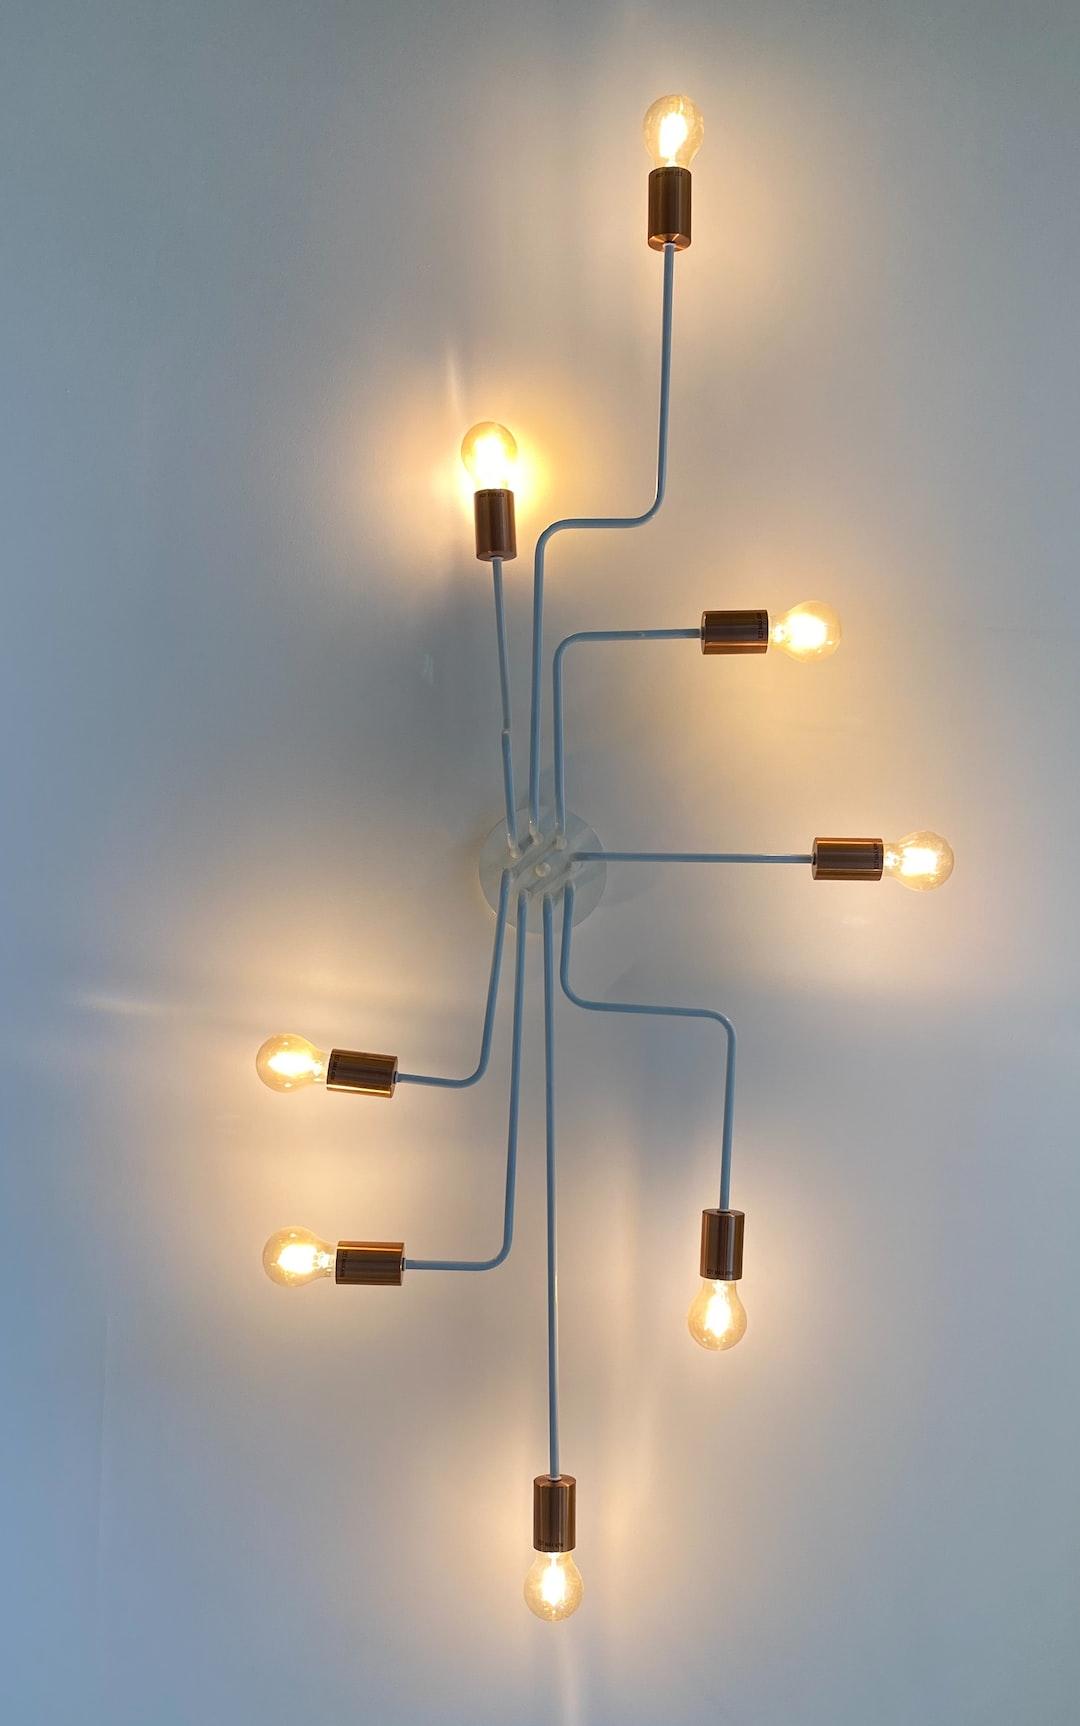 Interconnected light fixture.